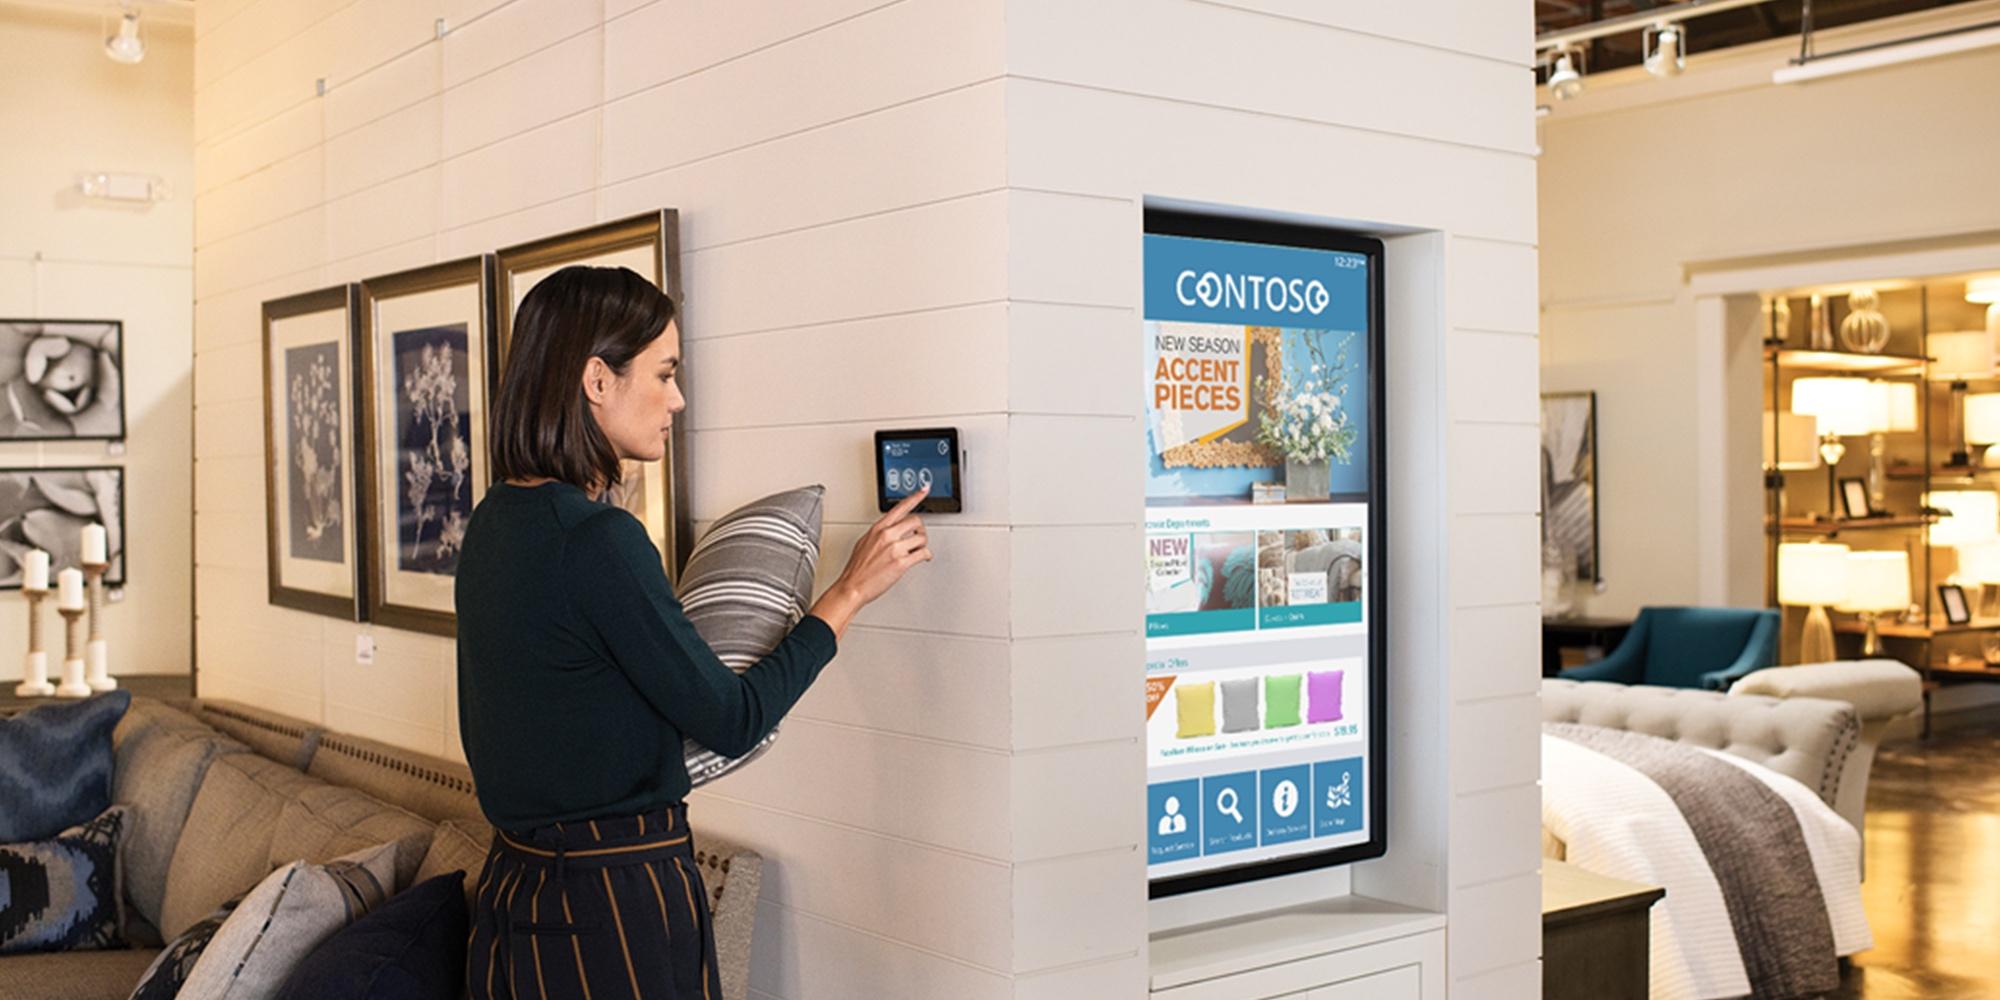 uma mulher em pé numa loja de mobiliário a segurar numa almofada, a utilizar um tablet que está colocado nas paredes da loja